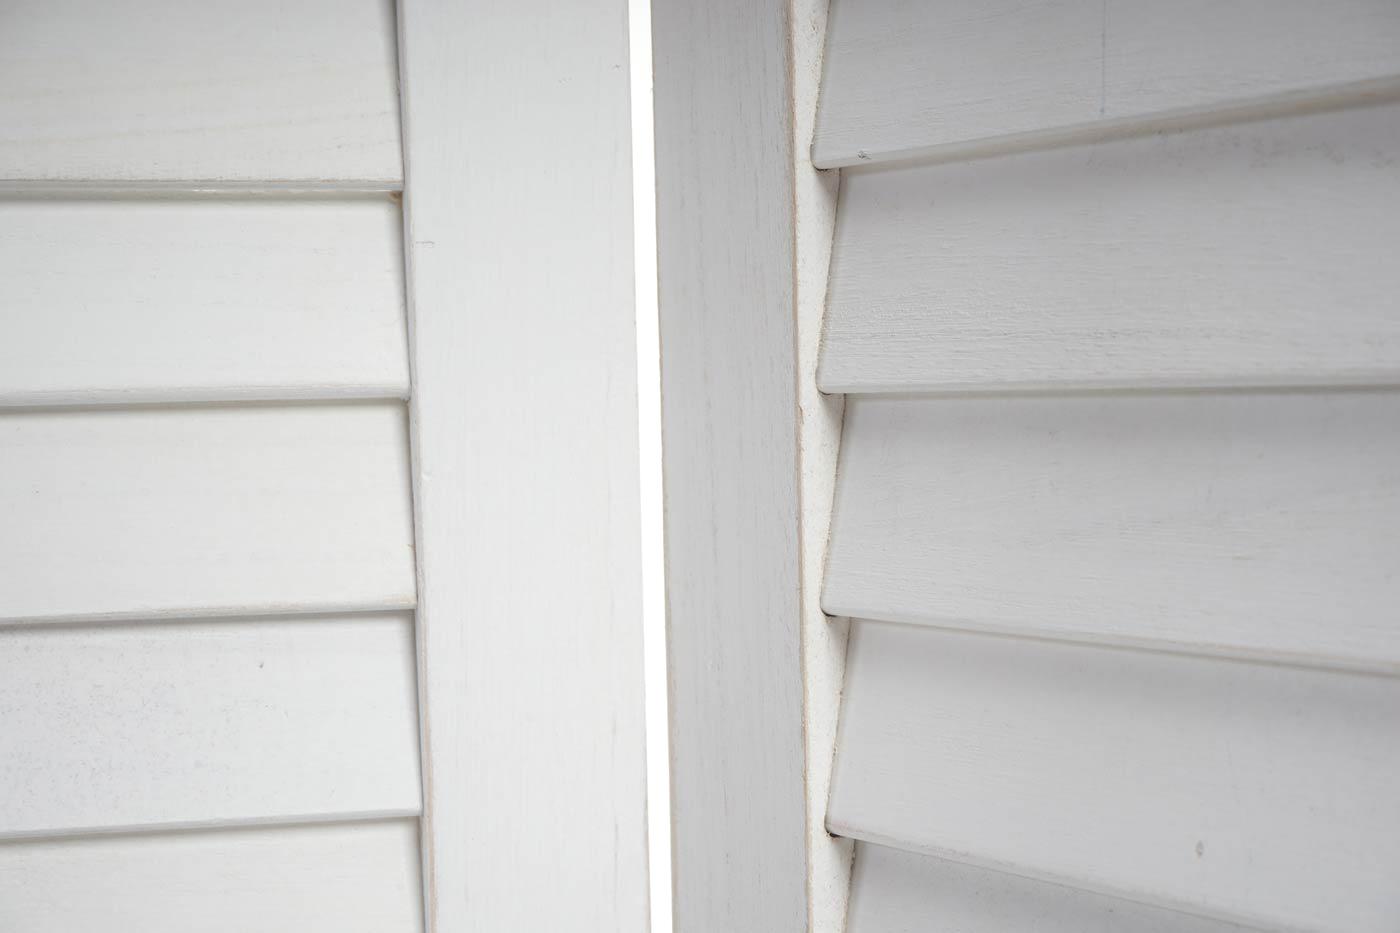 paravent istanbul raumteiler trennwand sichtschutz ornamente 170x160cm wei. Black Bedroom Furniture Sets. Home Design Ideas